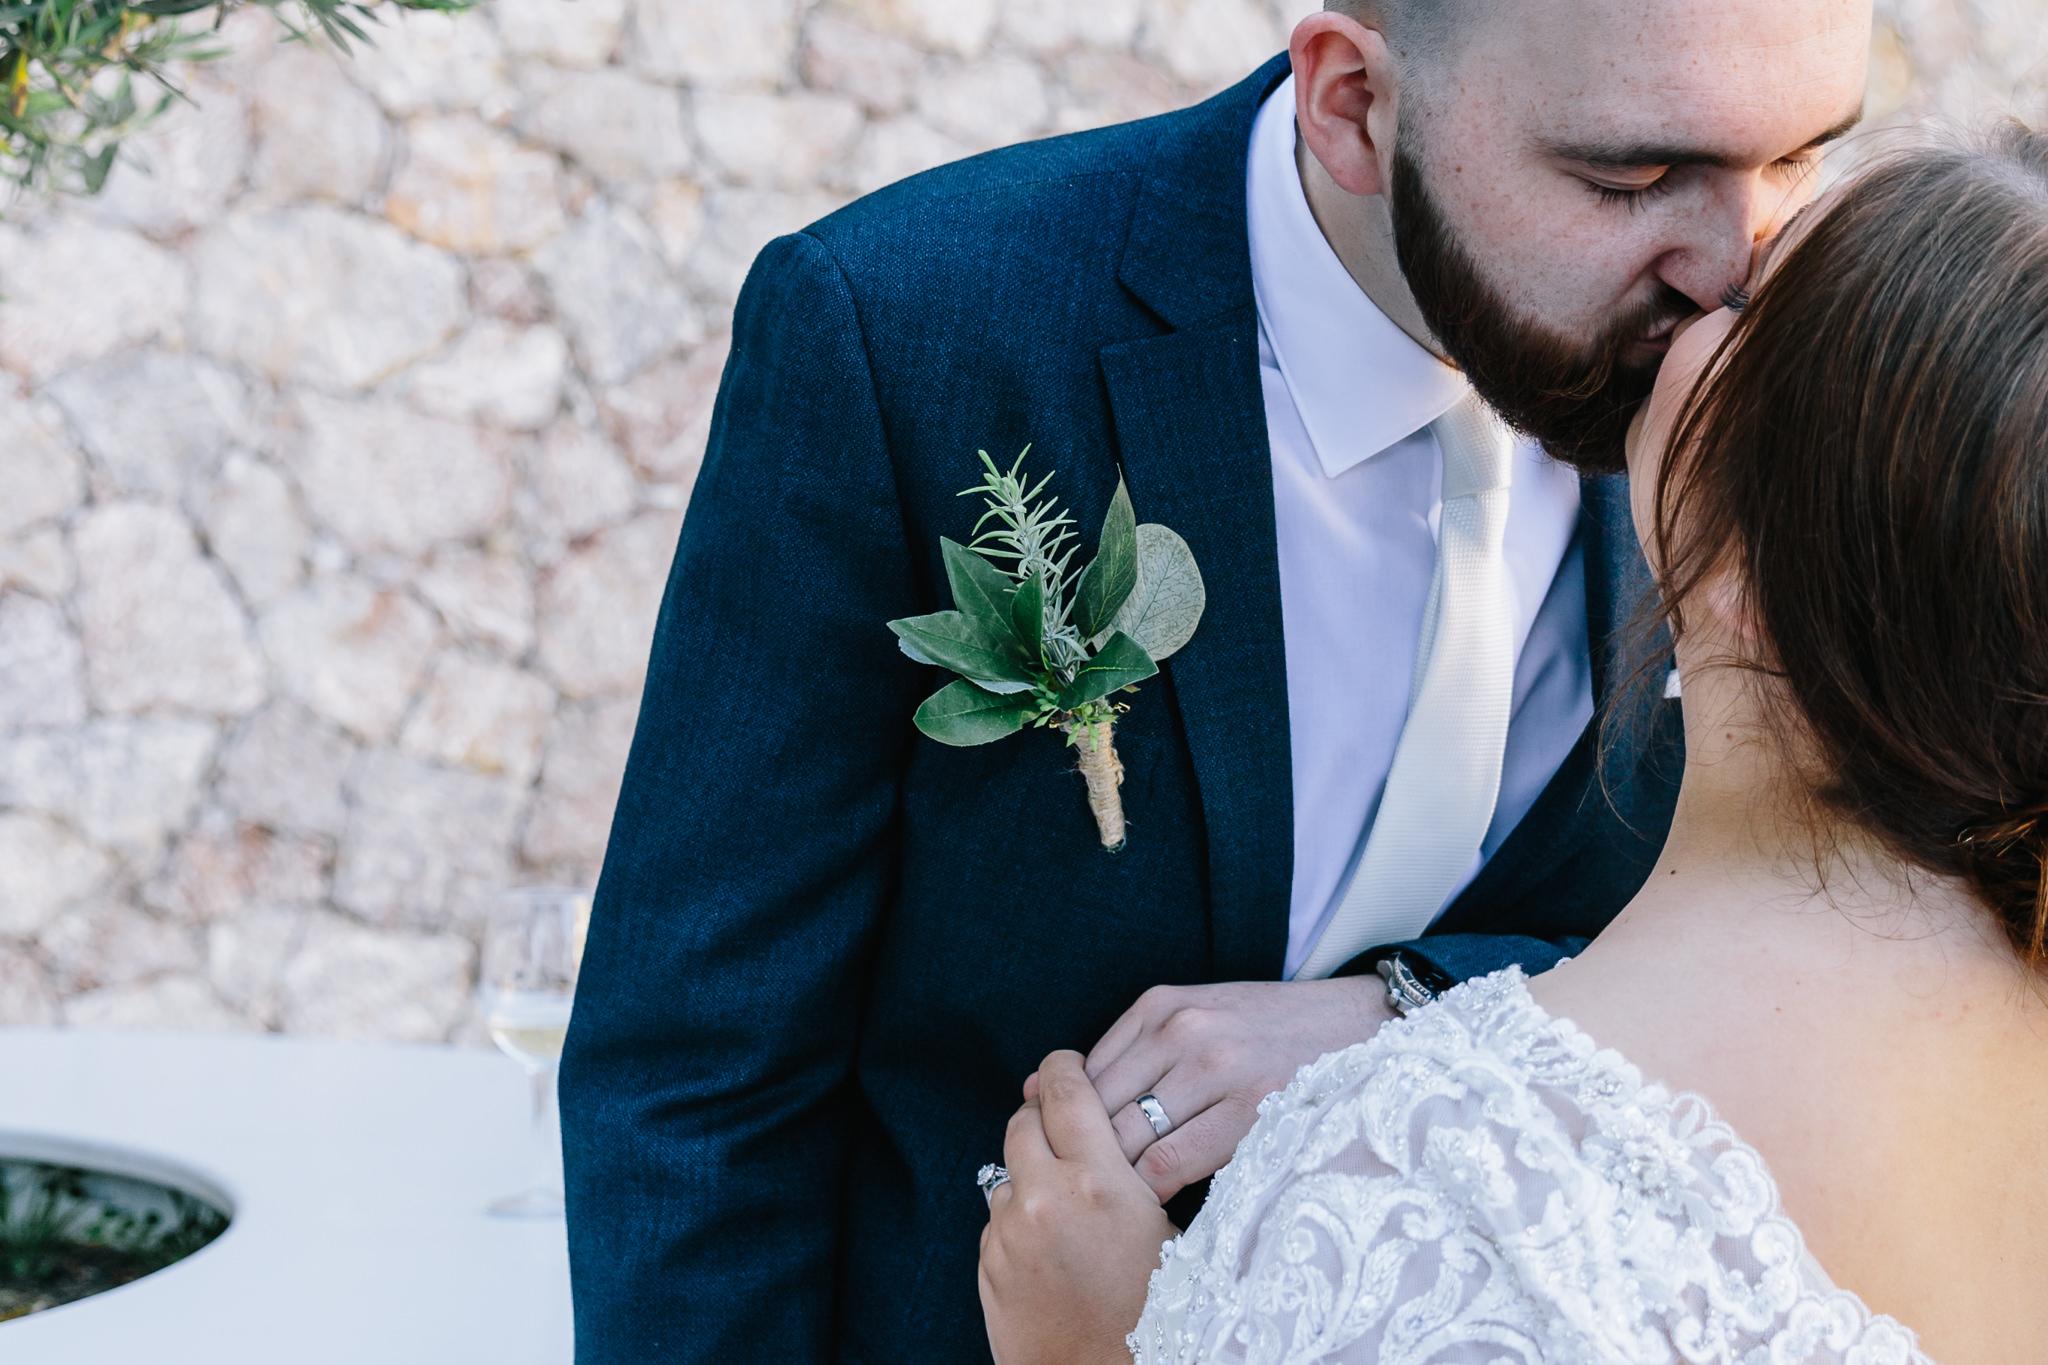 047-2019-04-27-Wedding-Michelle-e-Callum-5DE-670